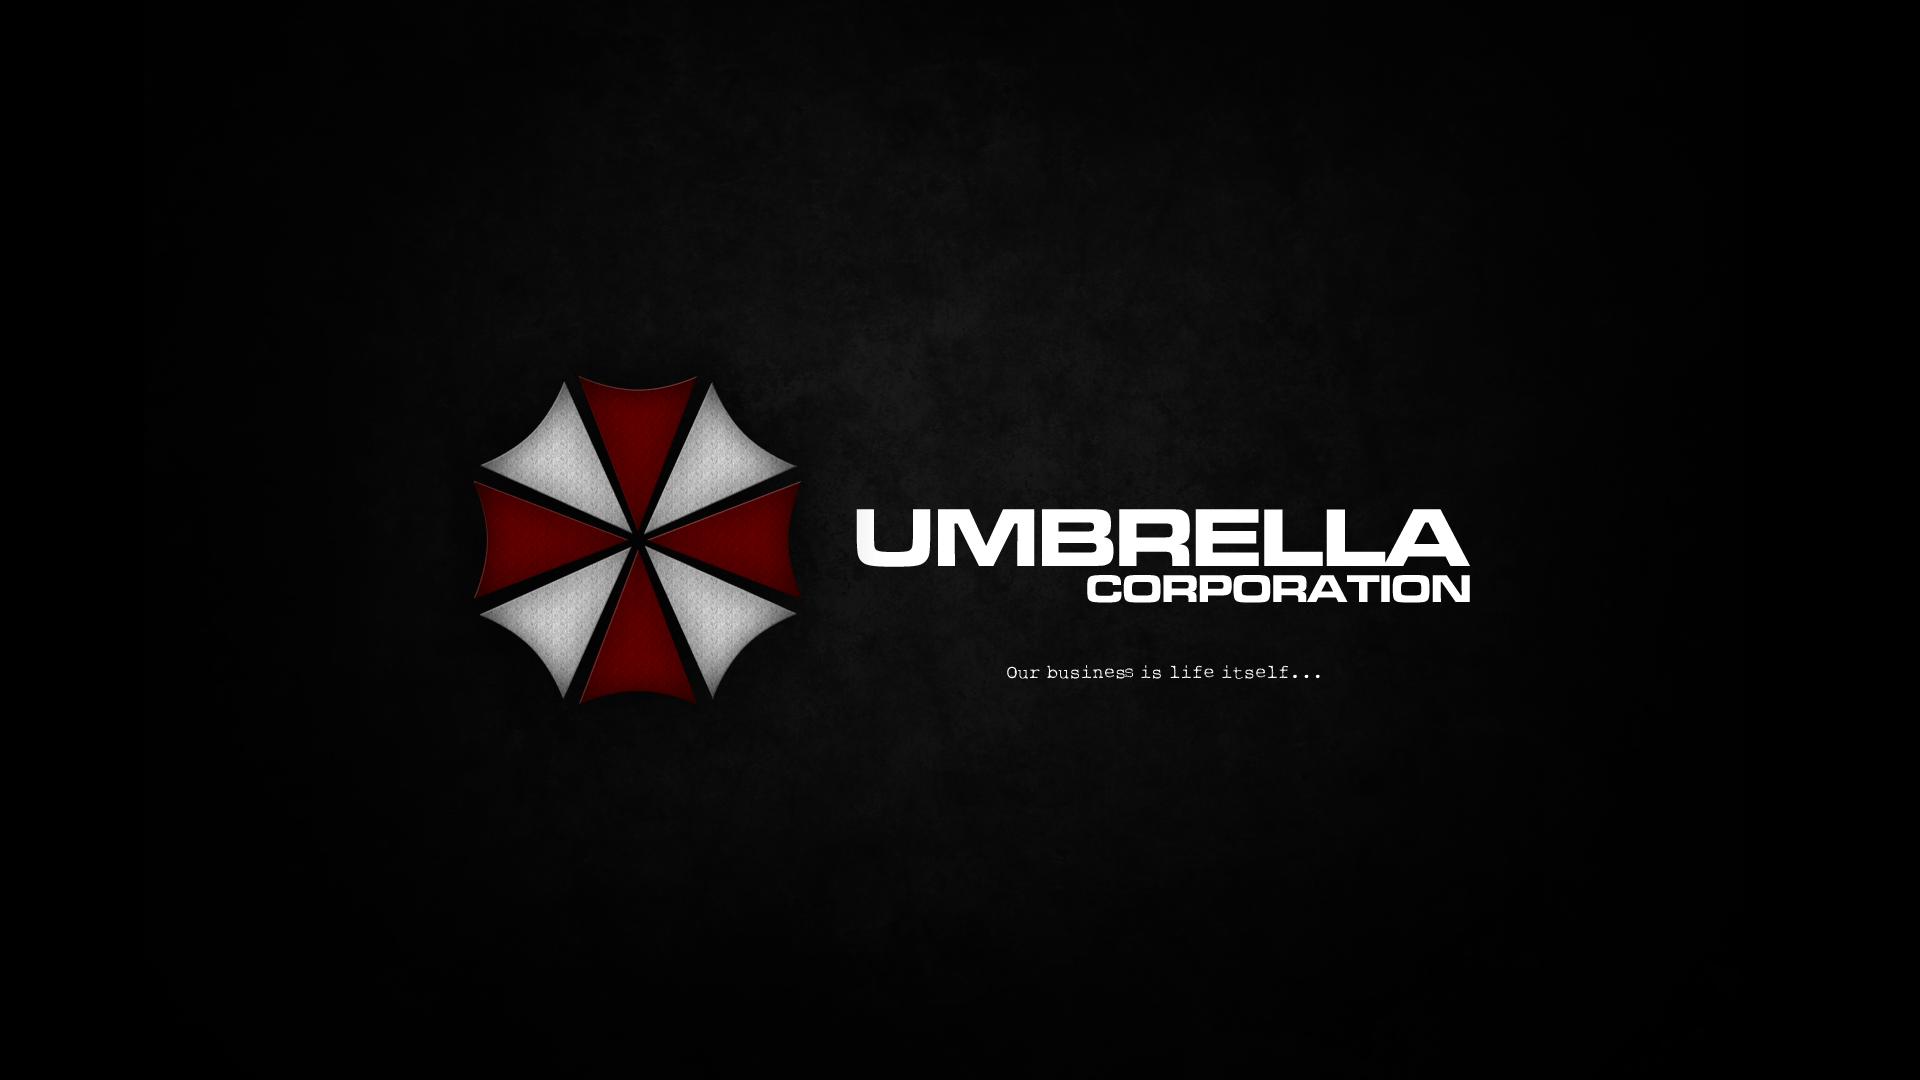 Umbrella Corporation Backgrounds - Wallpaper Cave |Umbrella Corp Background